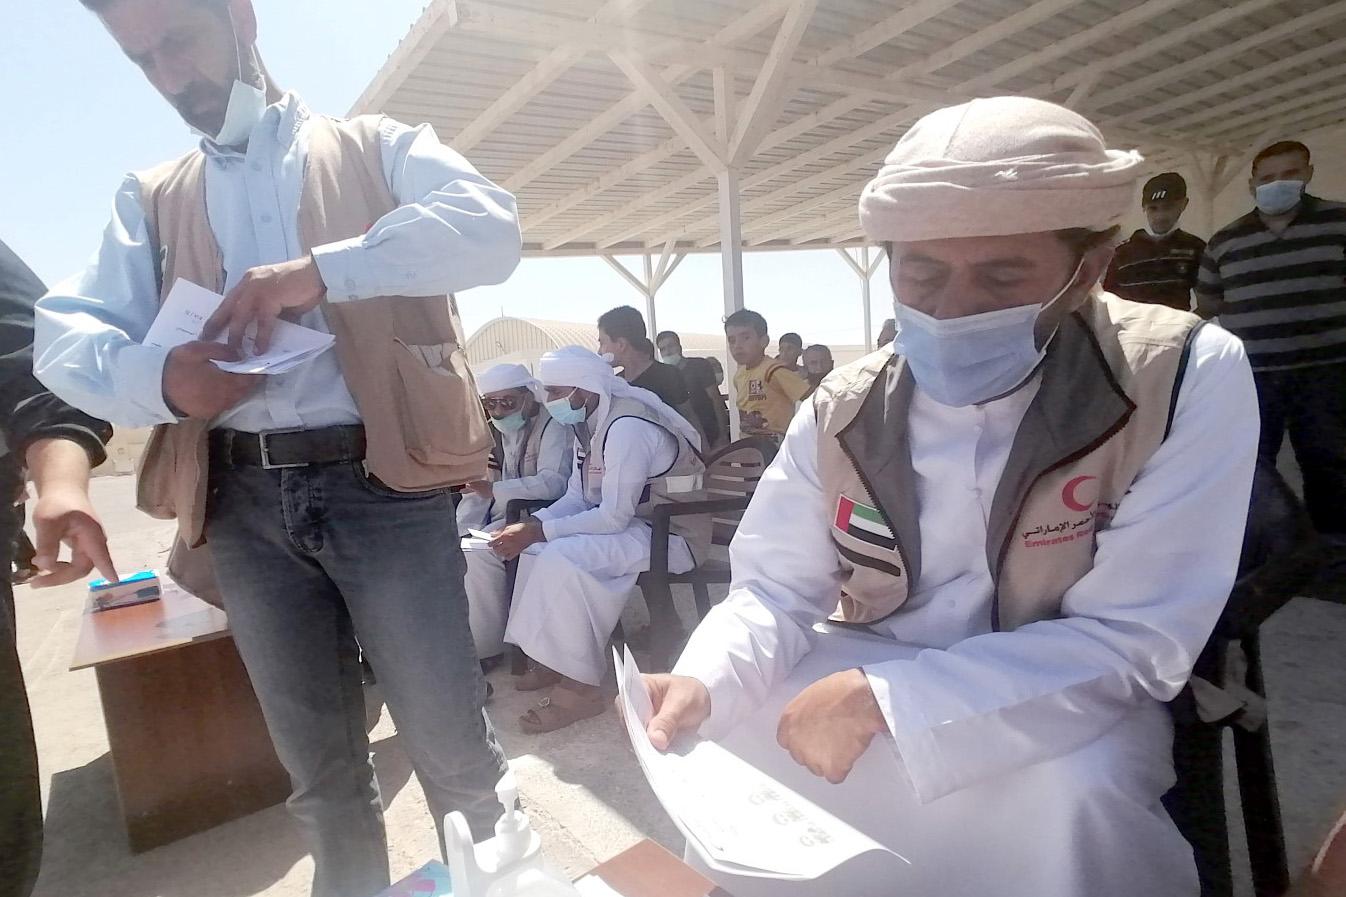 توزيع المخصصات المالية لكسوة العيد على اللاجئين السوريين بالمخيم الإماراتي الأردني